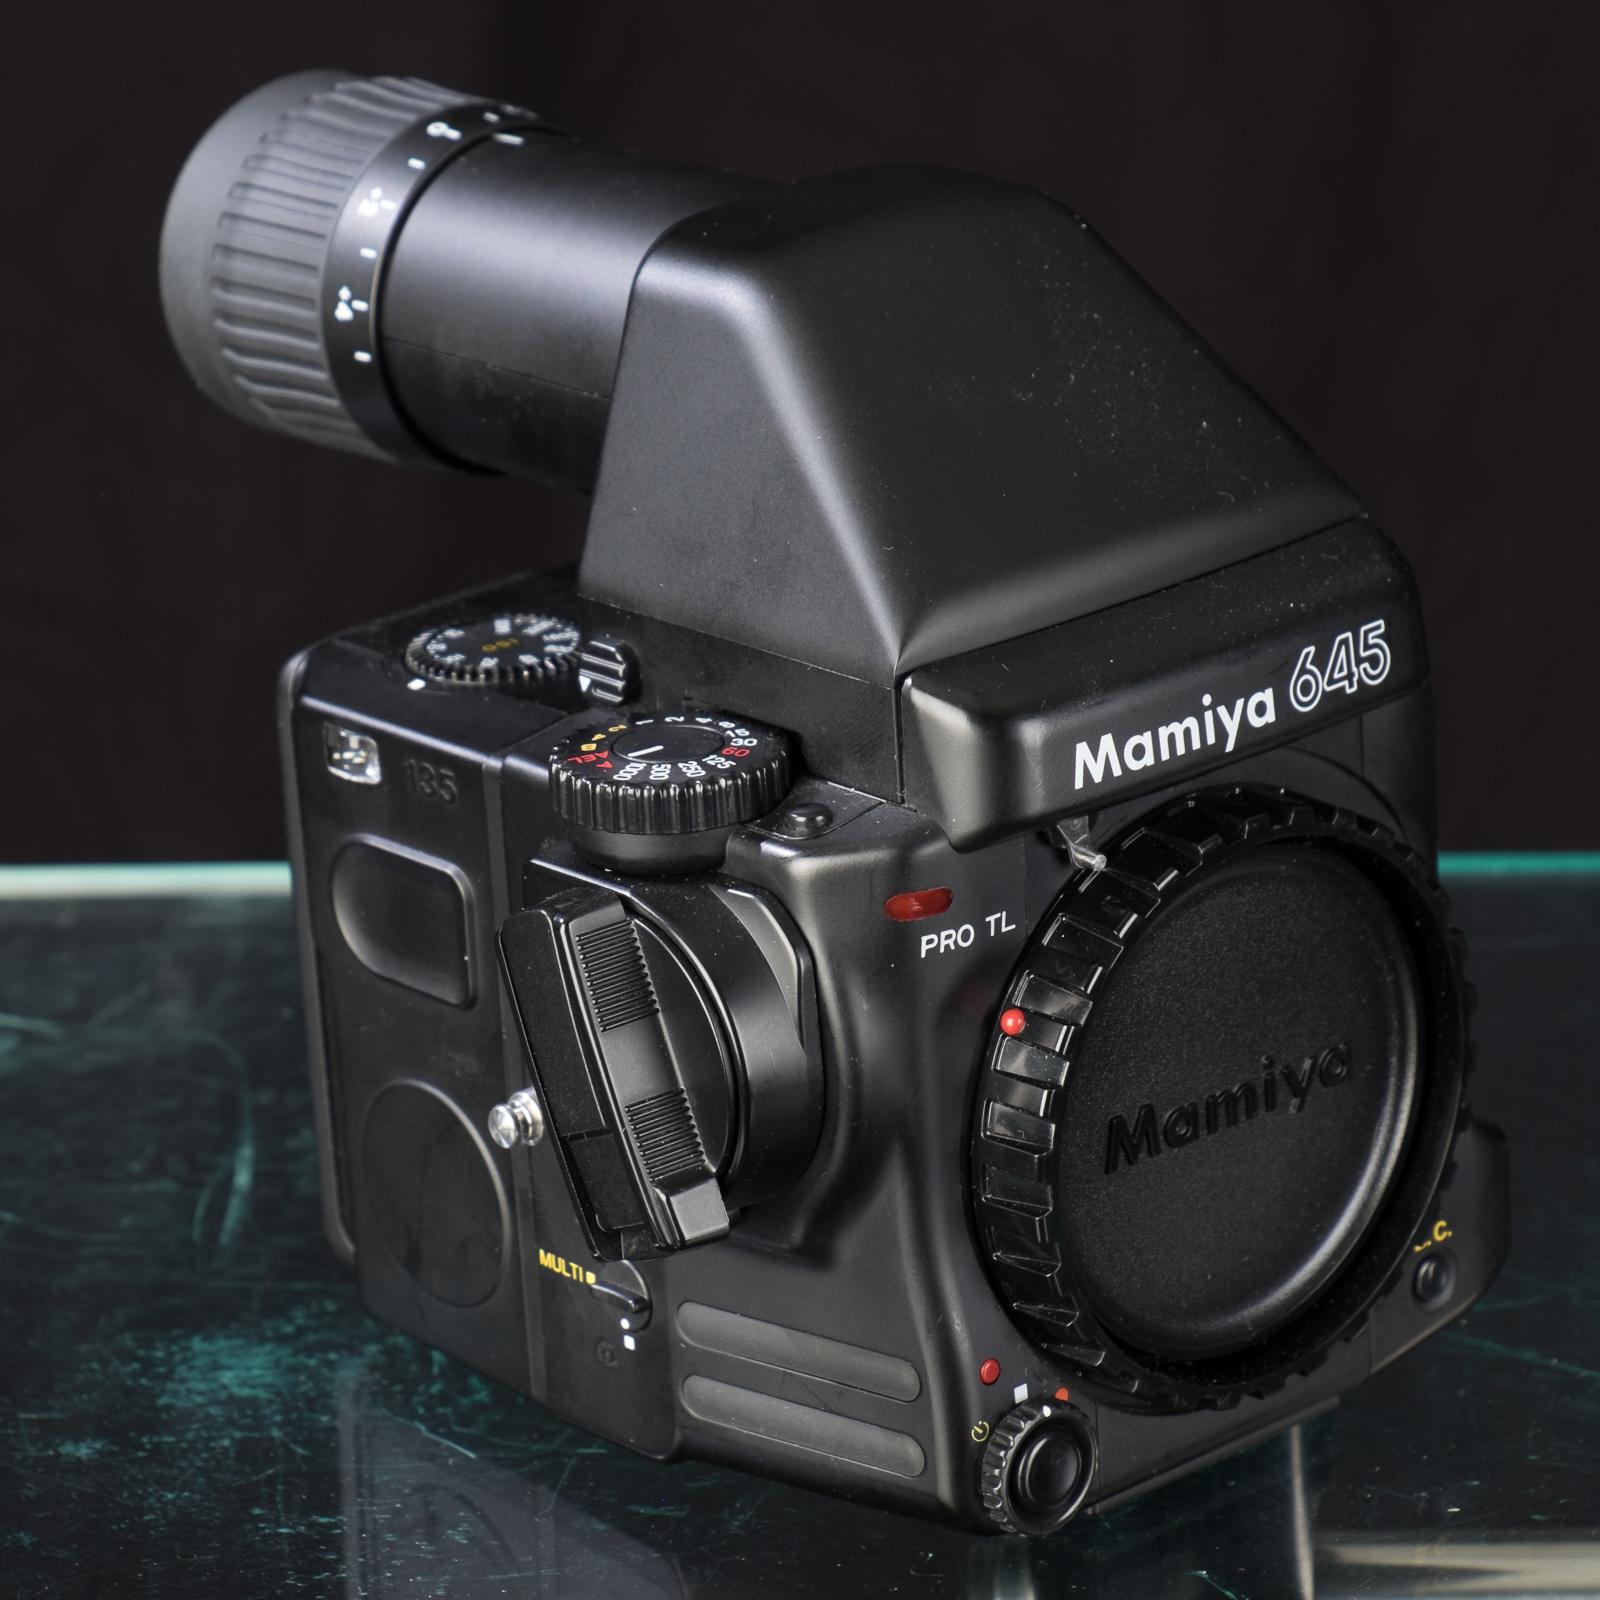 Withdrawn: Reduced! Mamiya 645 Pro TL body, 35mm back, FK402